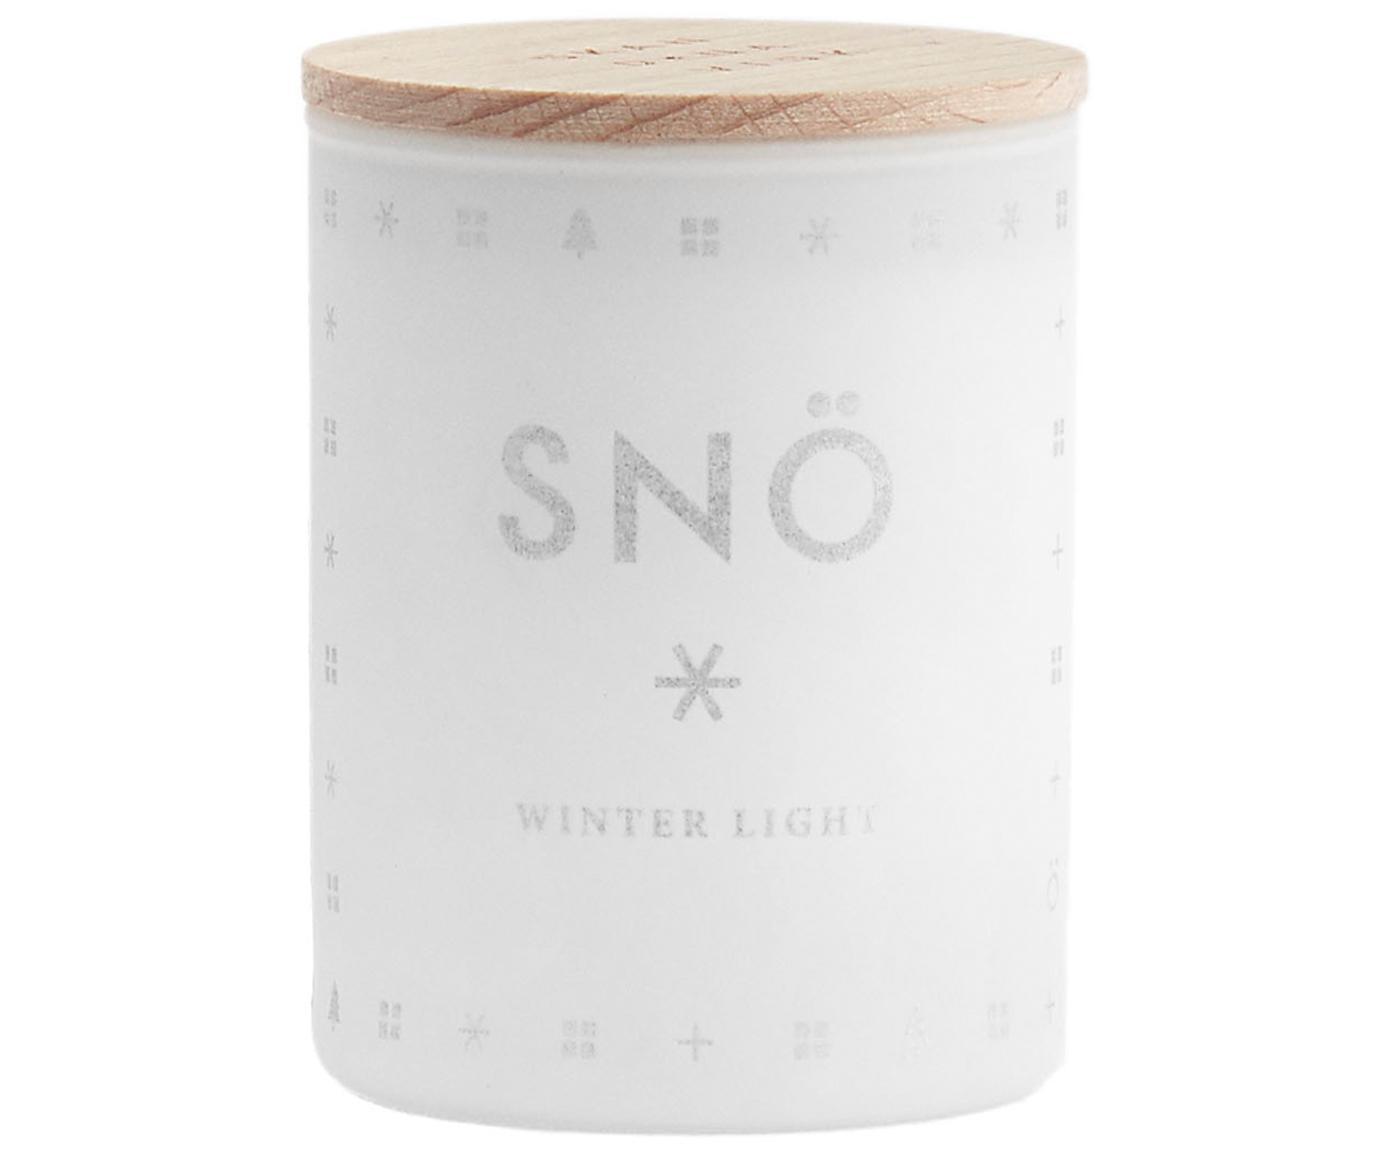 Vela perfumada Snö (frutas de invierno y madera), Recipiente: vidrio, Blanco, Tapa: madera dehaya, Ø 4 x Al 6 cm